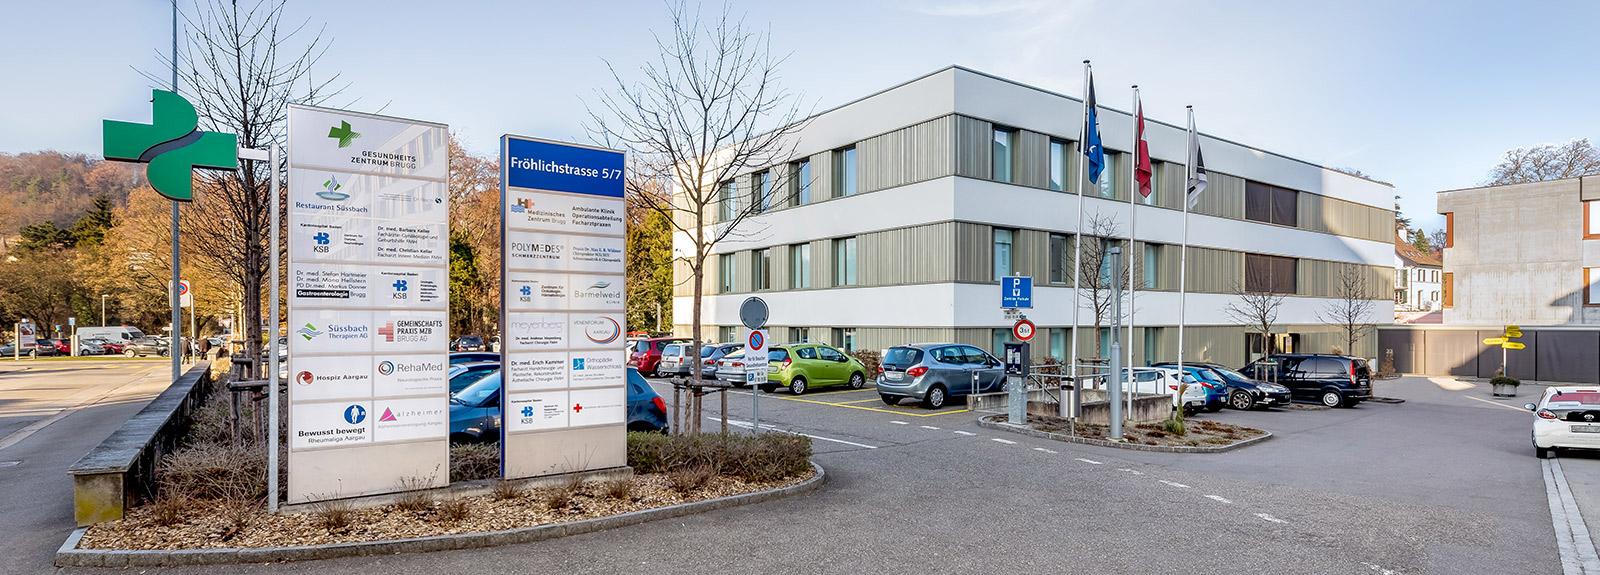 Gastroenterologie Brugg – Aussenansicht Gebäude